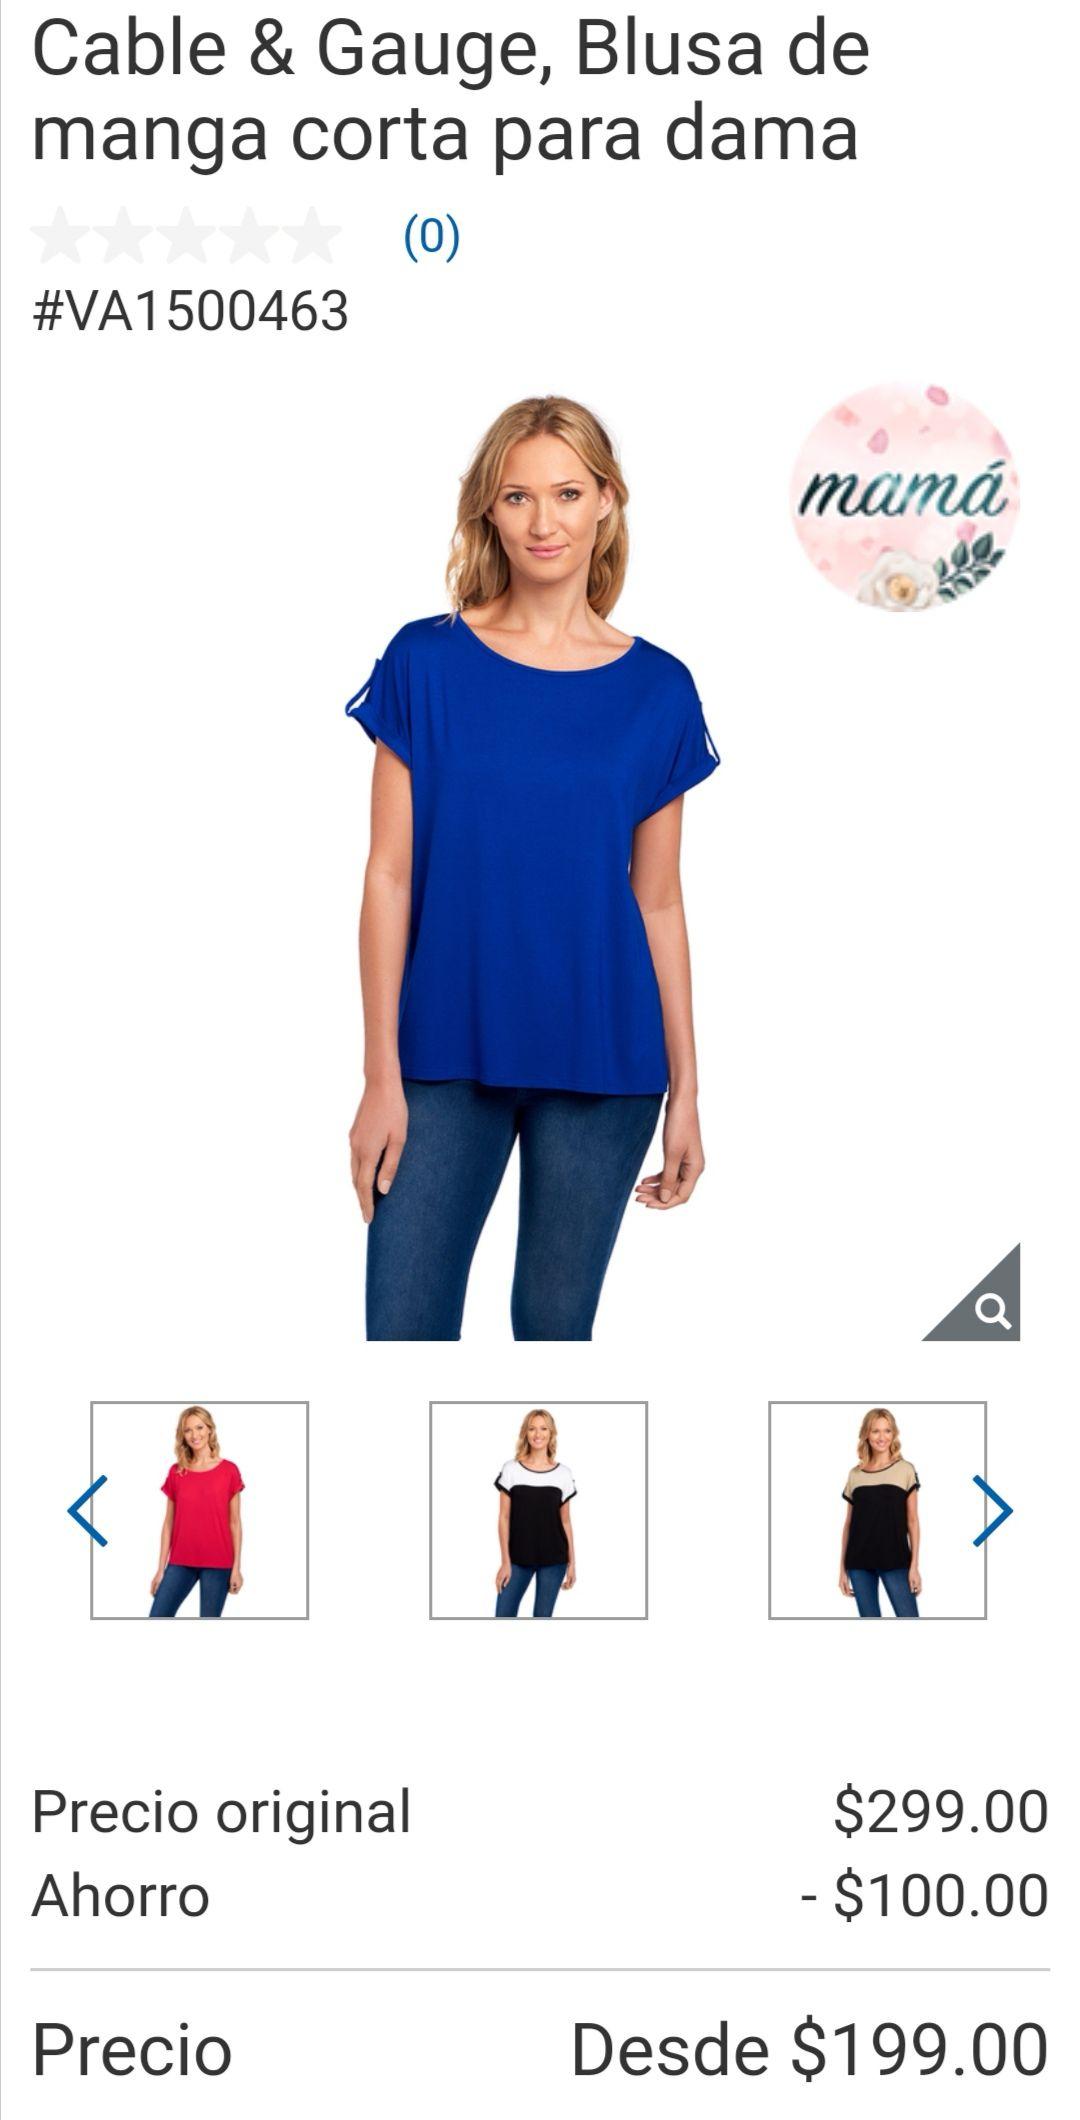 Costco: Blusa de manga corta precio especial promociones día de las madres